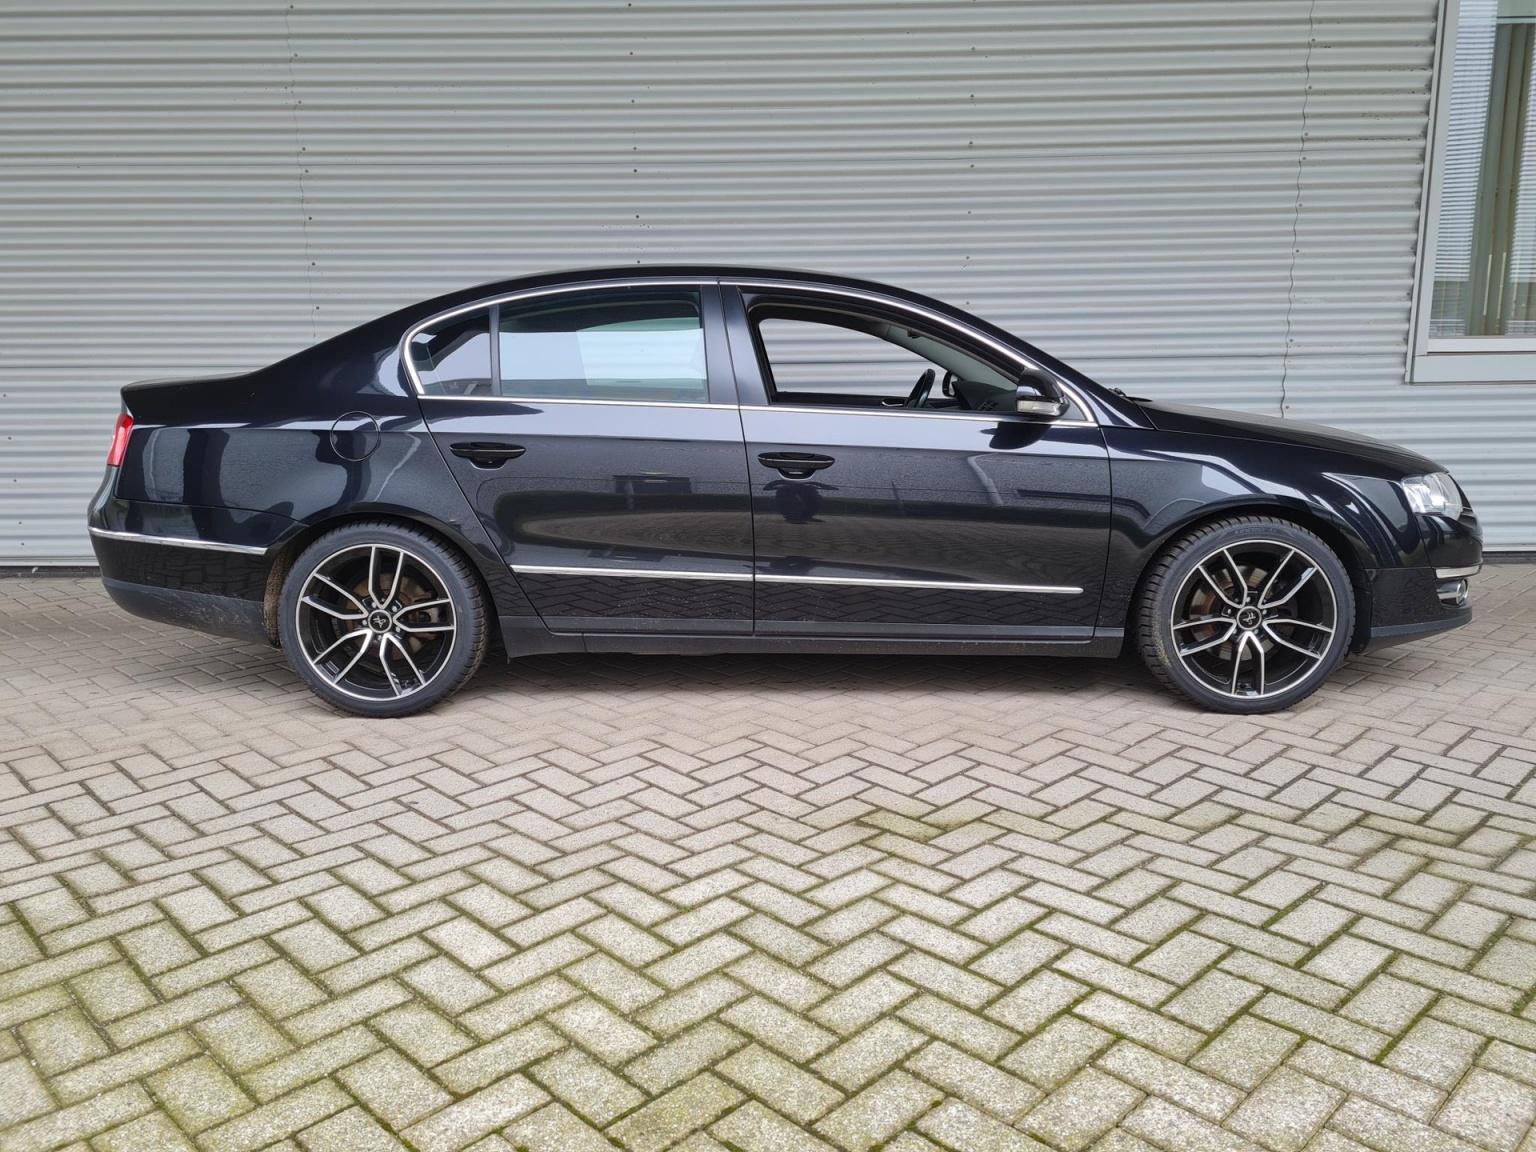 Volkswagen-Passat-8